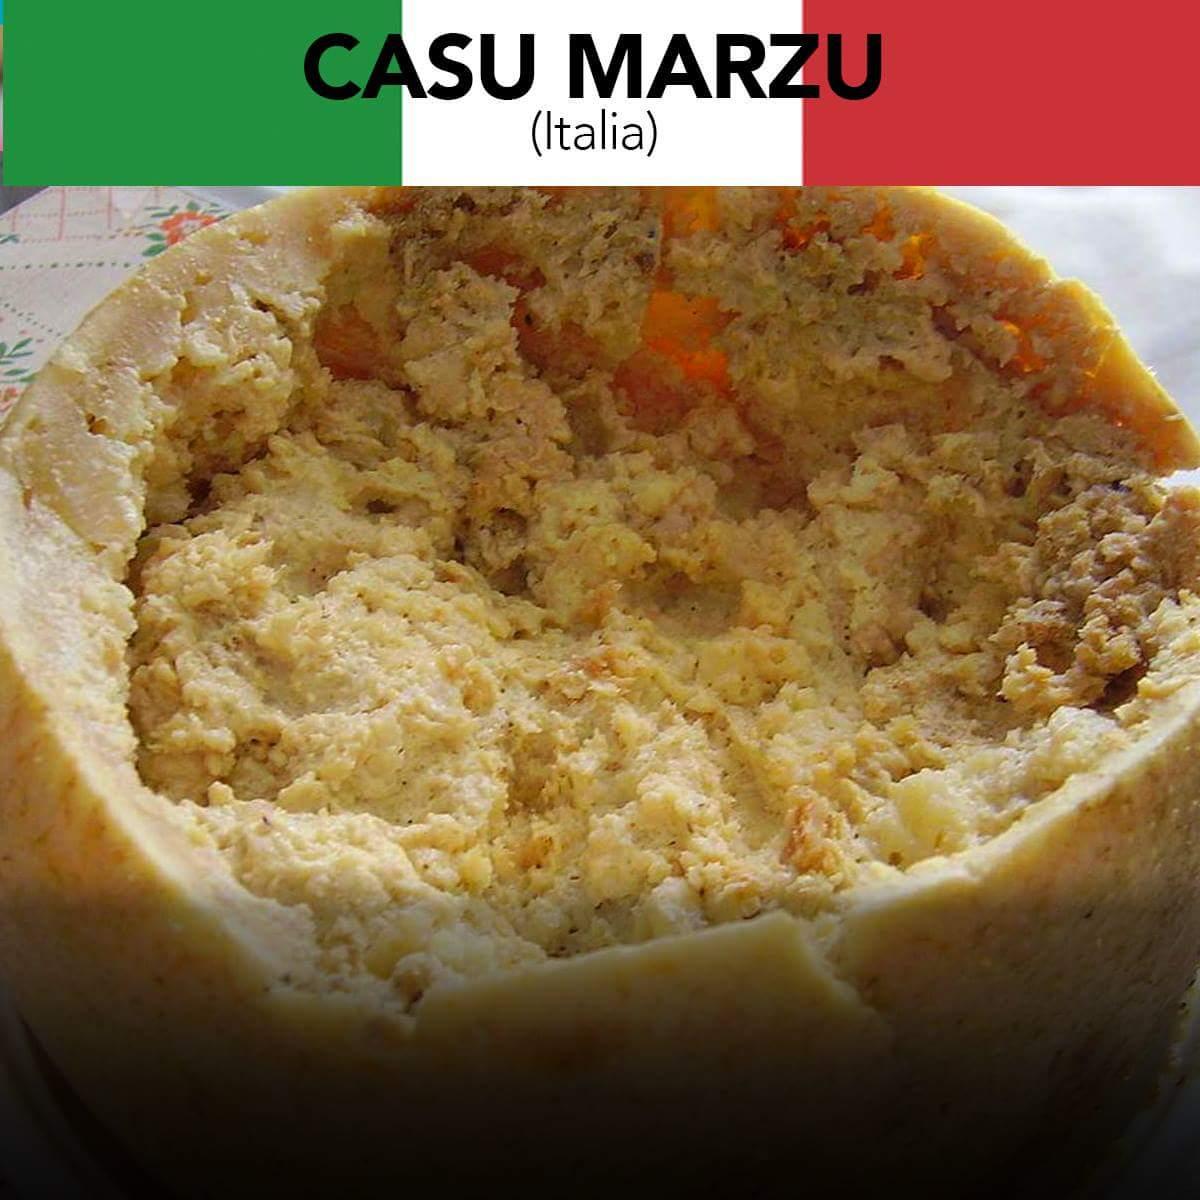 """ElMexicanoMX ar Twitter: """"🇮🇹️ Vs 🇲🇽️ Casu Marzu, es un queso típico de  Cerdeña, Italia. Conocido por estar infestado de larvas vivas de moscas.  Por su parte, el queso Oaxaca es nativo"""